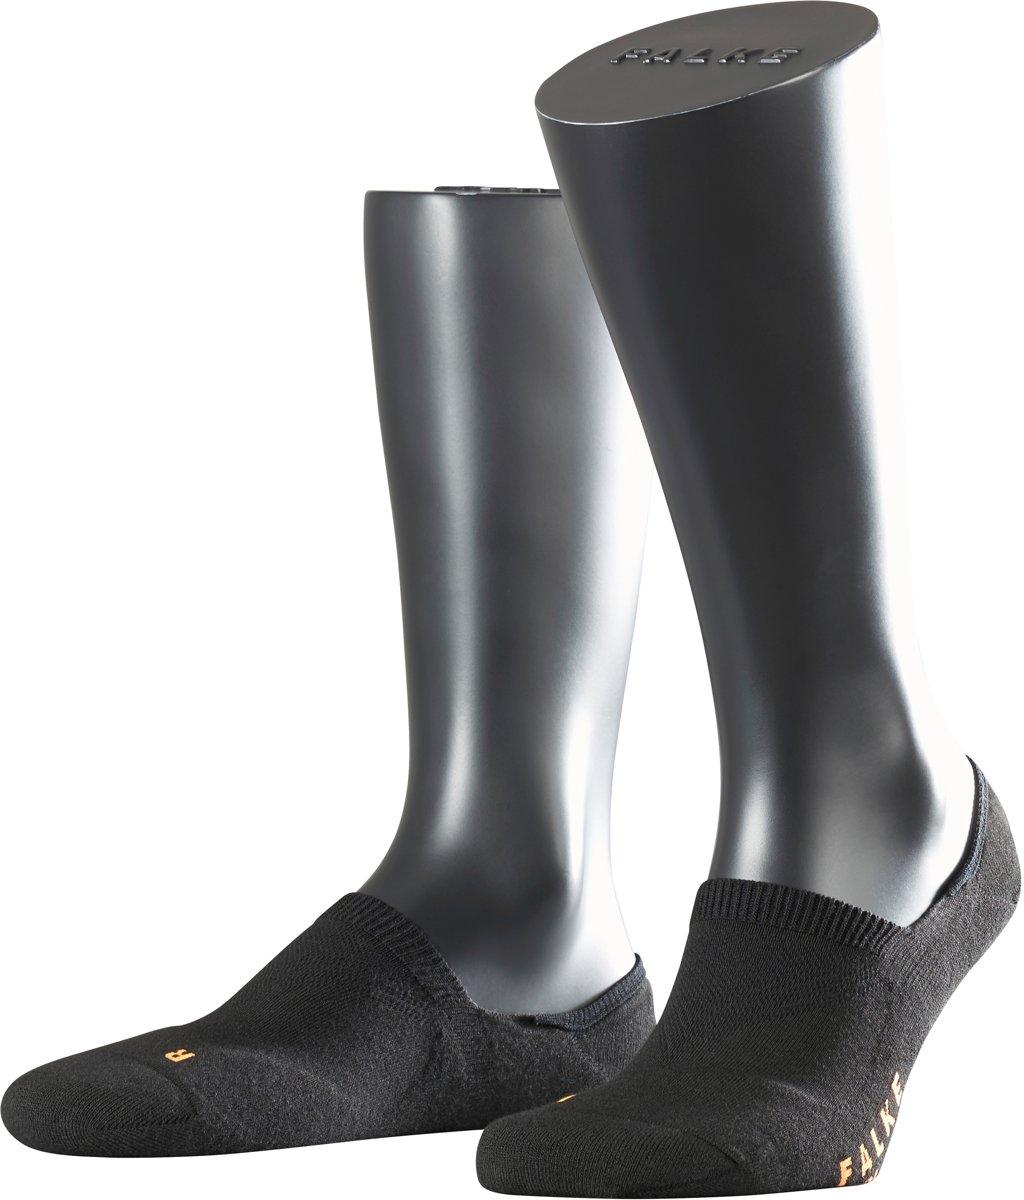 FALKE Cool Kick Invisible Sneakersokken - Zwart - Maat 42-43 kopen